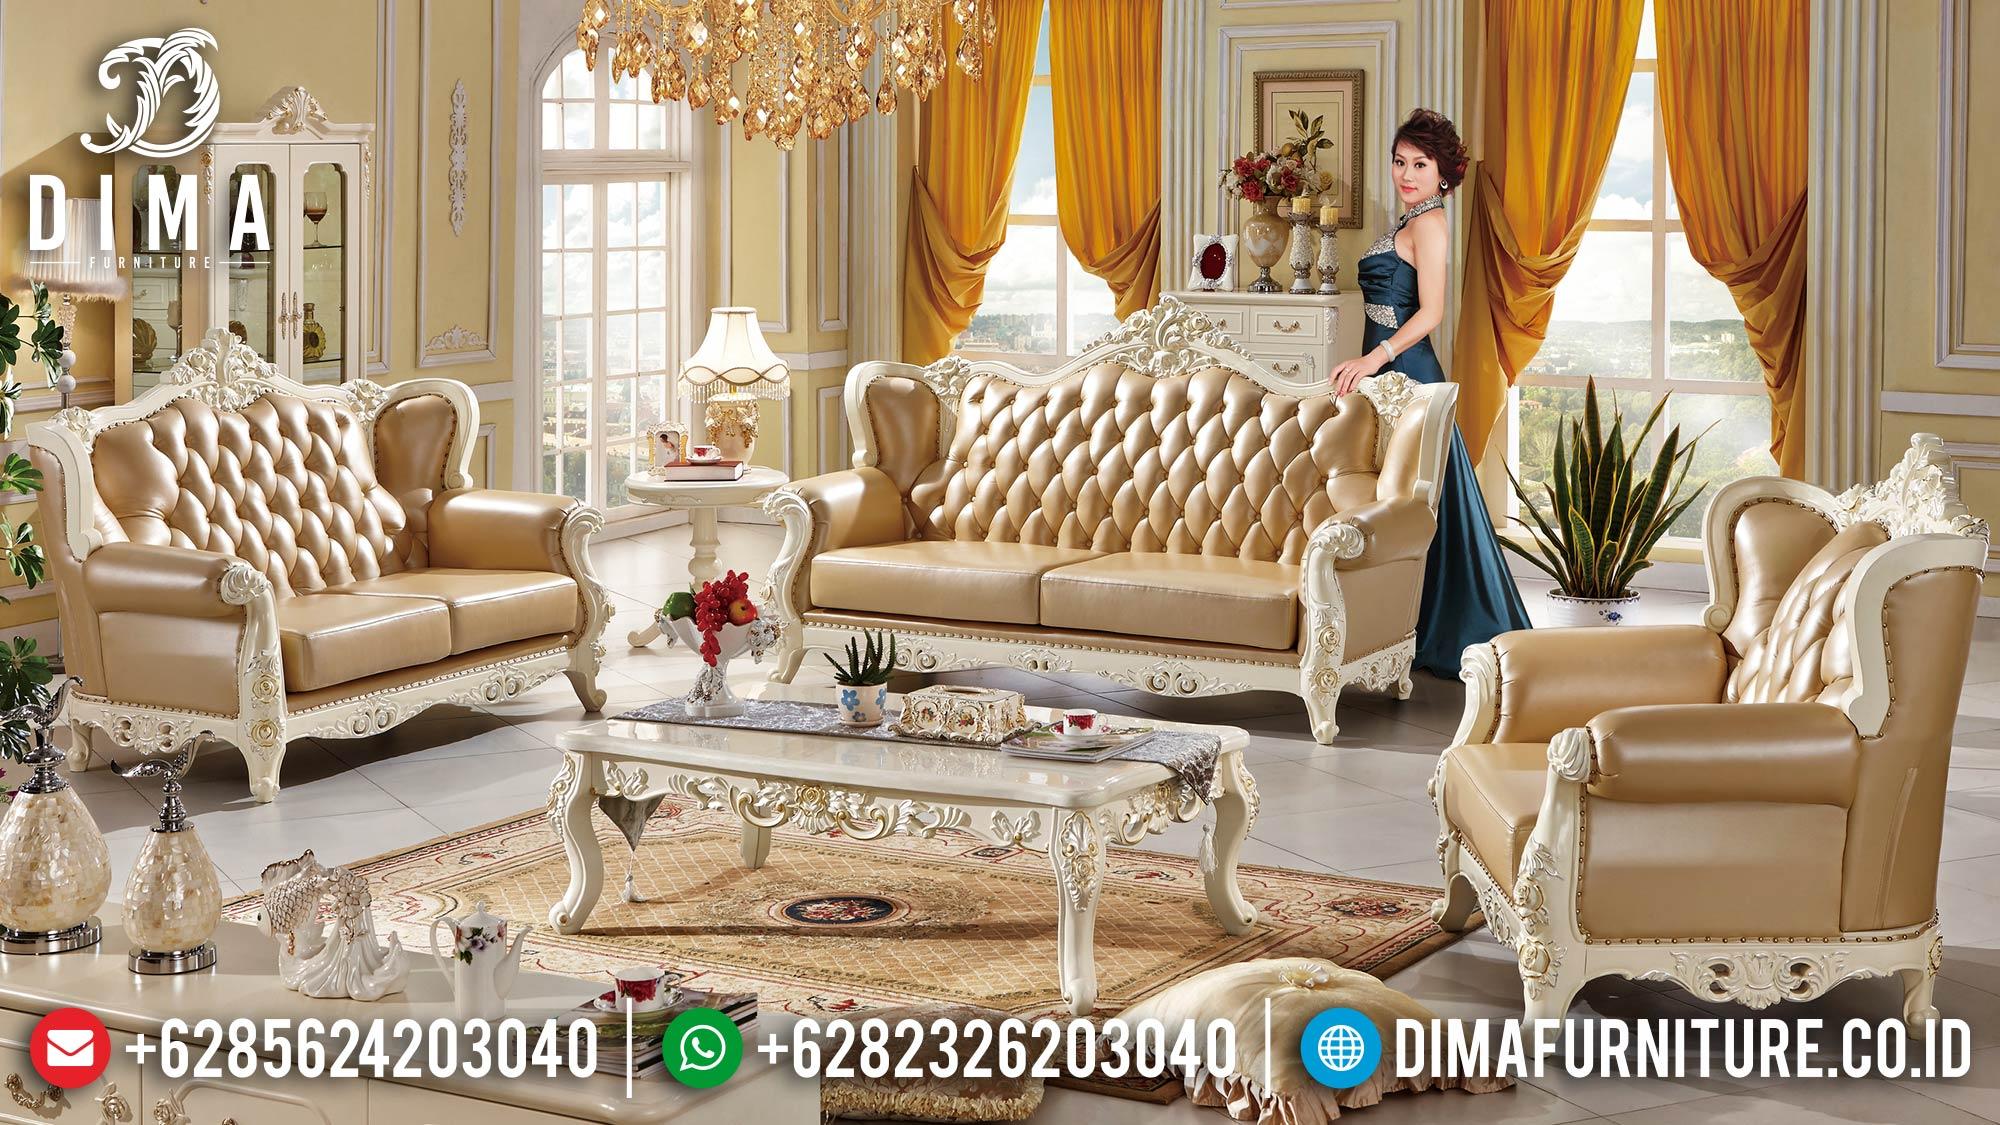 Sofa Ruang Tamu Mewah, Sofa Tamu Jepara, Sofa Mewah Terbaru 2021 DF-1518